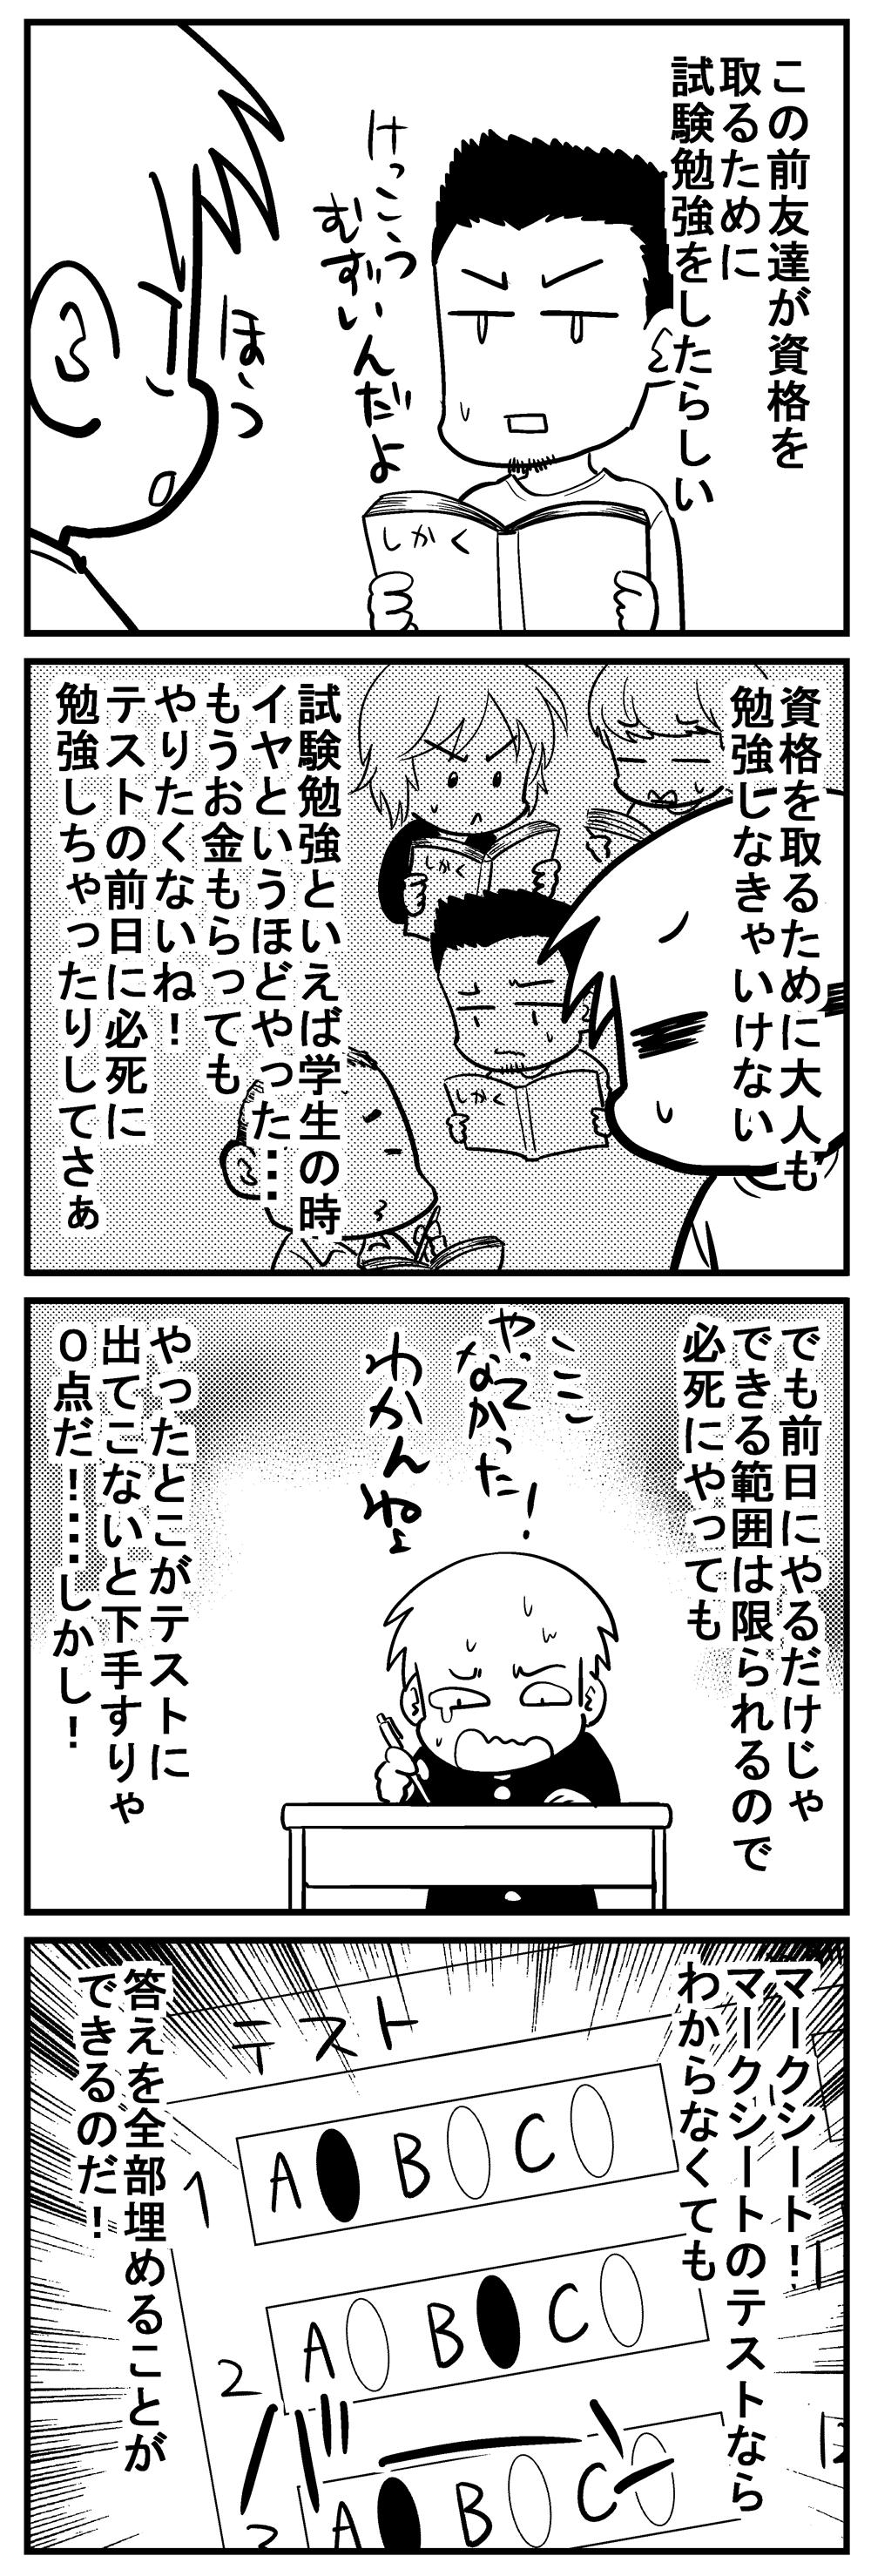 深読みくん79-1